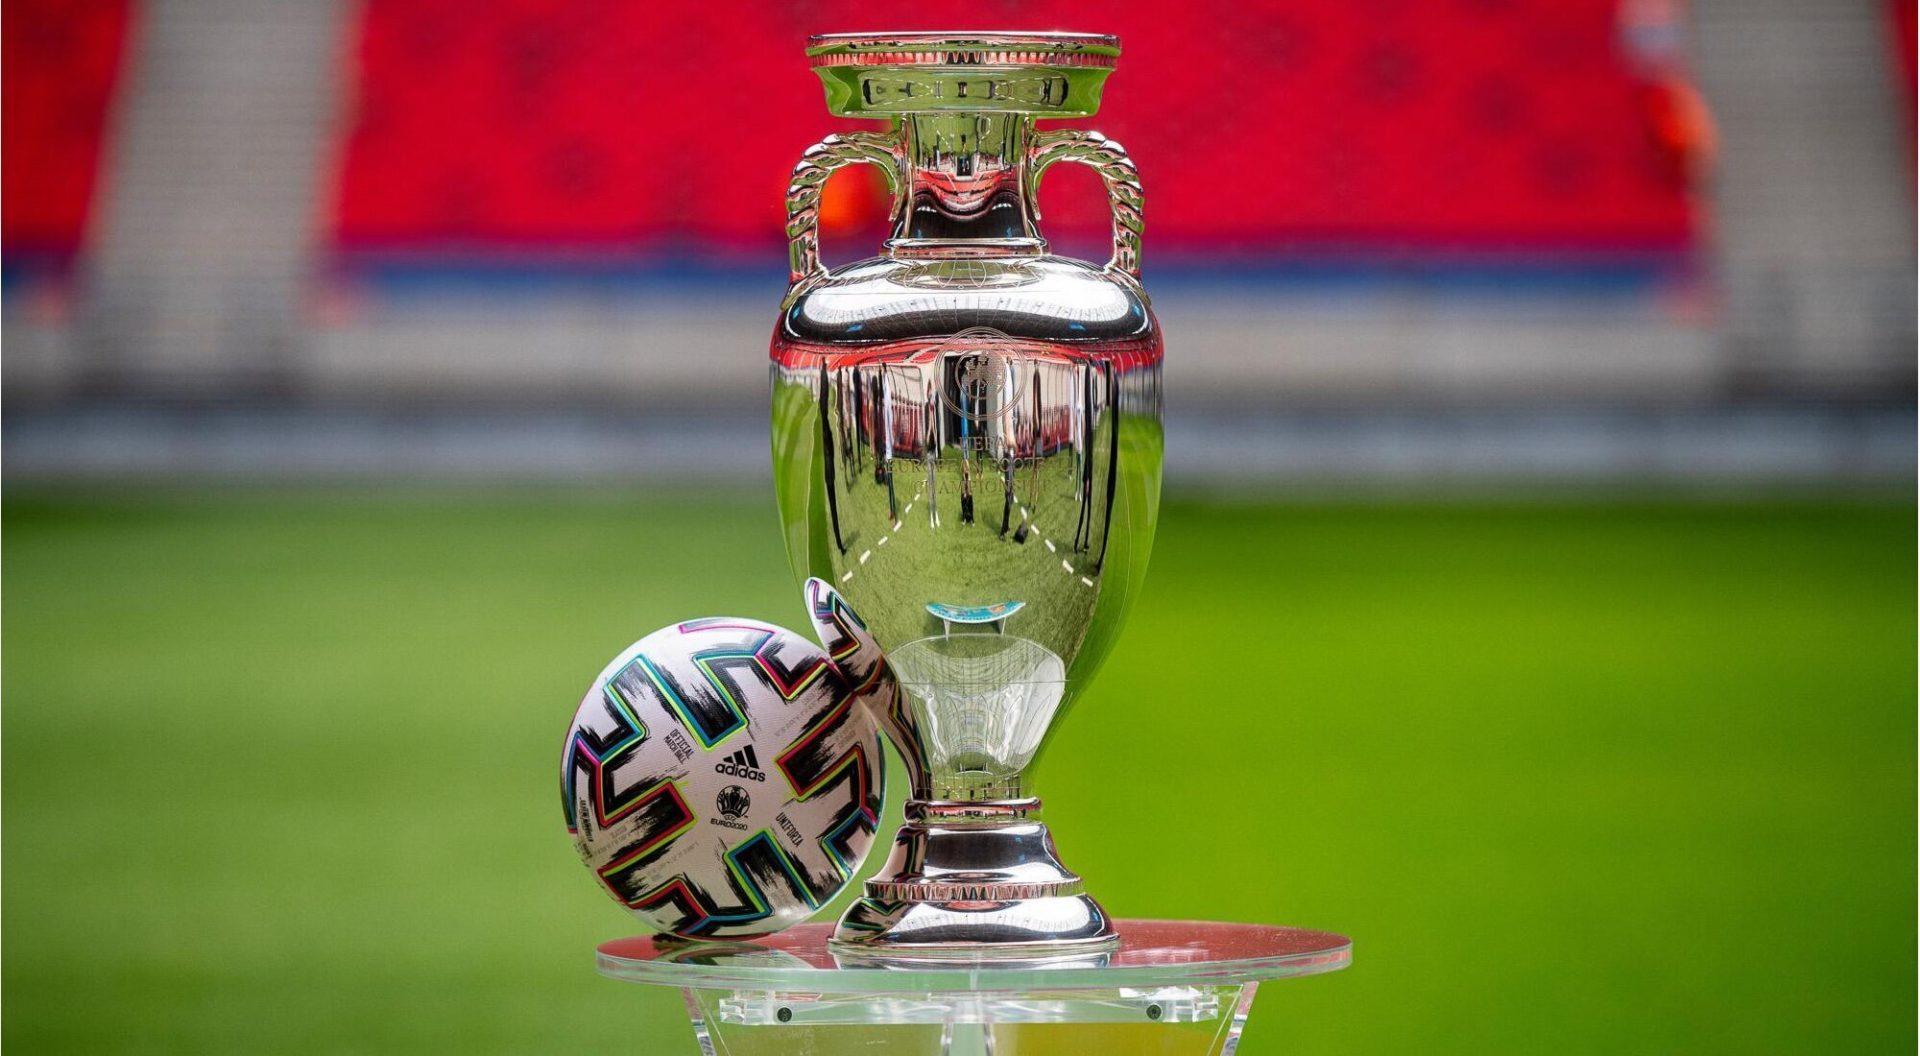 تفاصيل كأس السوبر المنتظر بين منتخب إيطاليا والأرجنتين